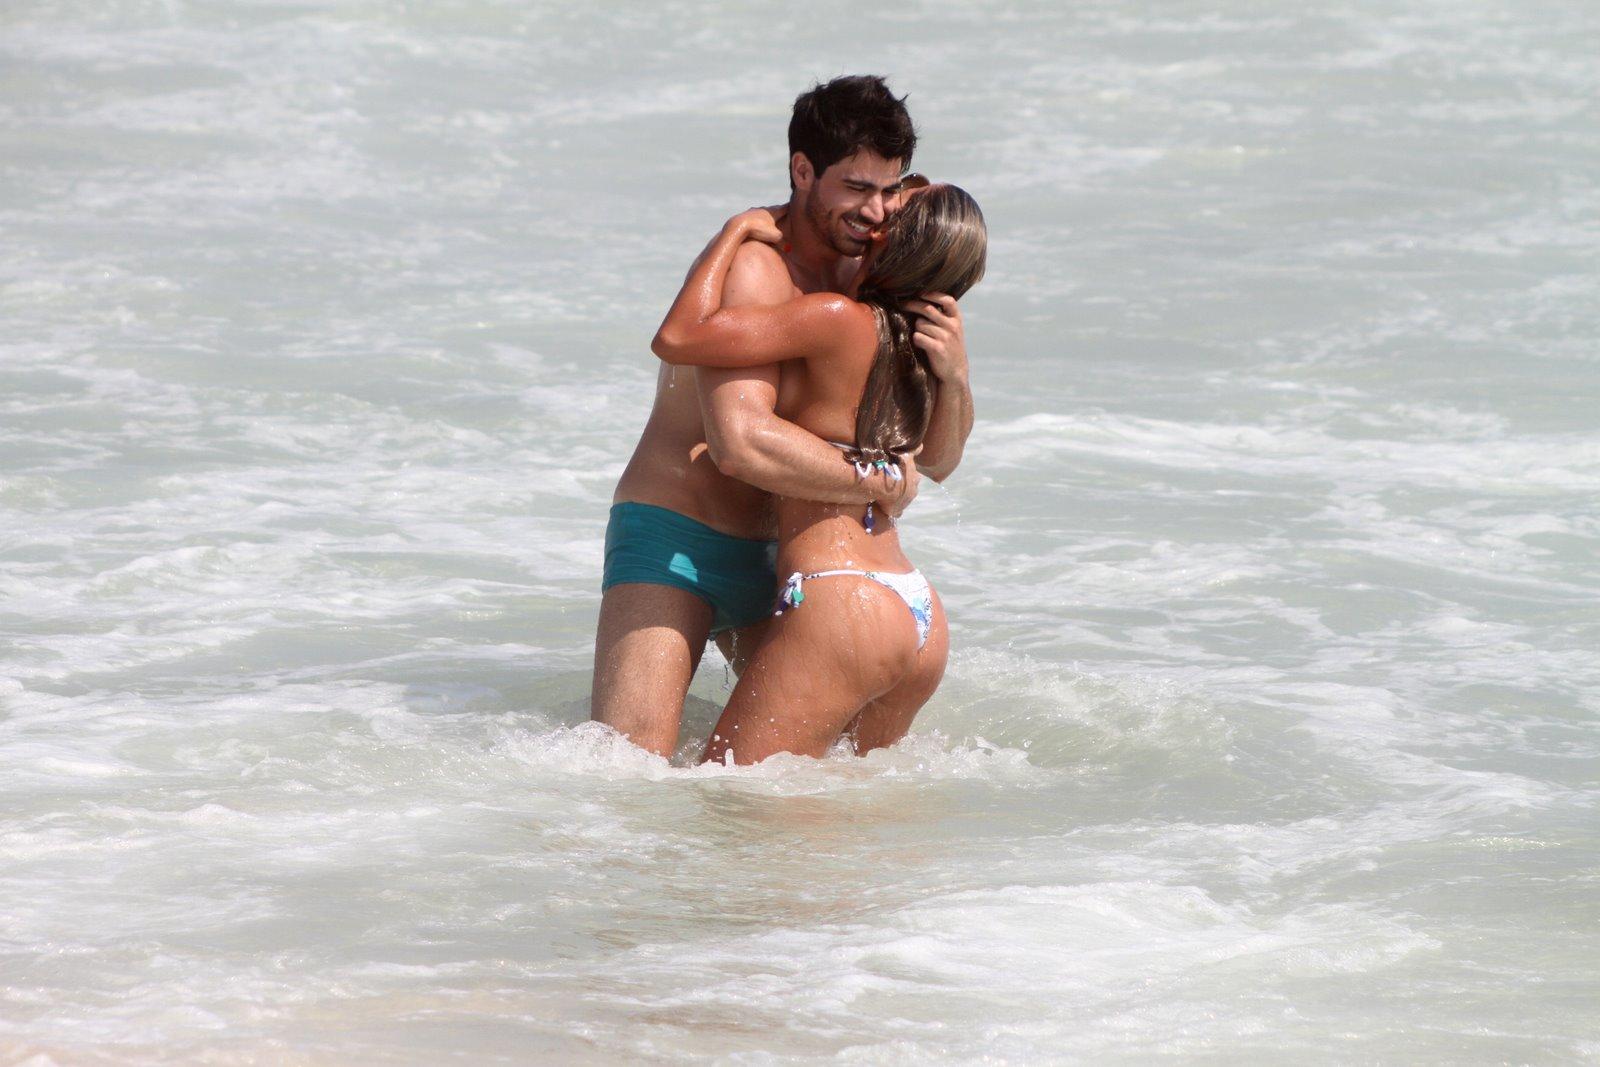 Rodrigão e Adriana namoram na praia do Recreio dos Bandeirantes, na Zona Oeste do Rio, nesta terça-feira, 17